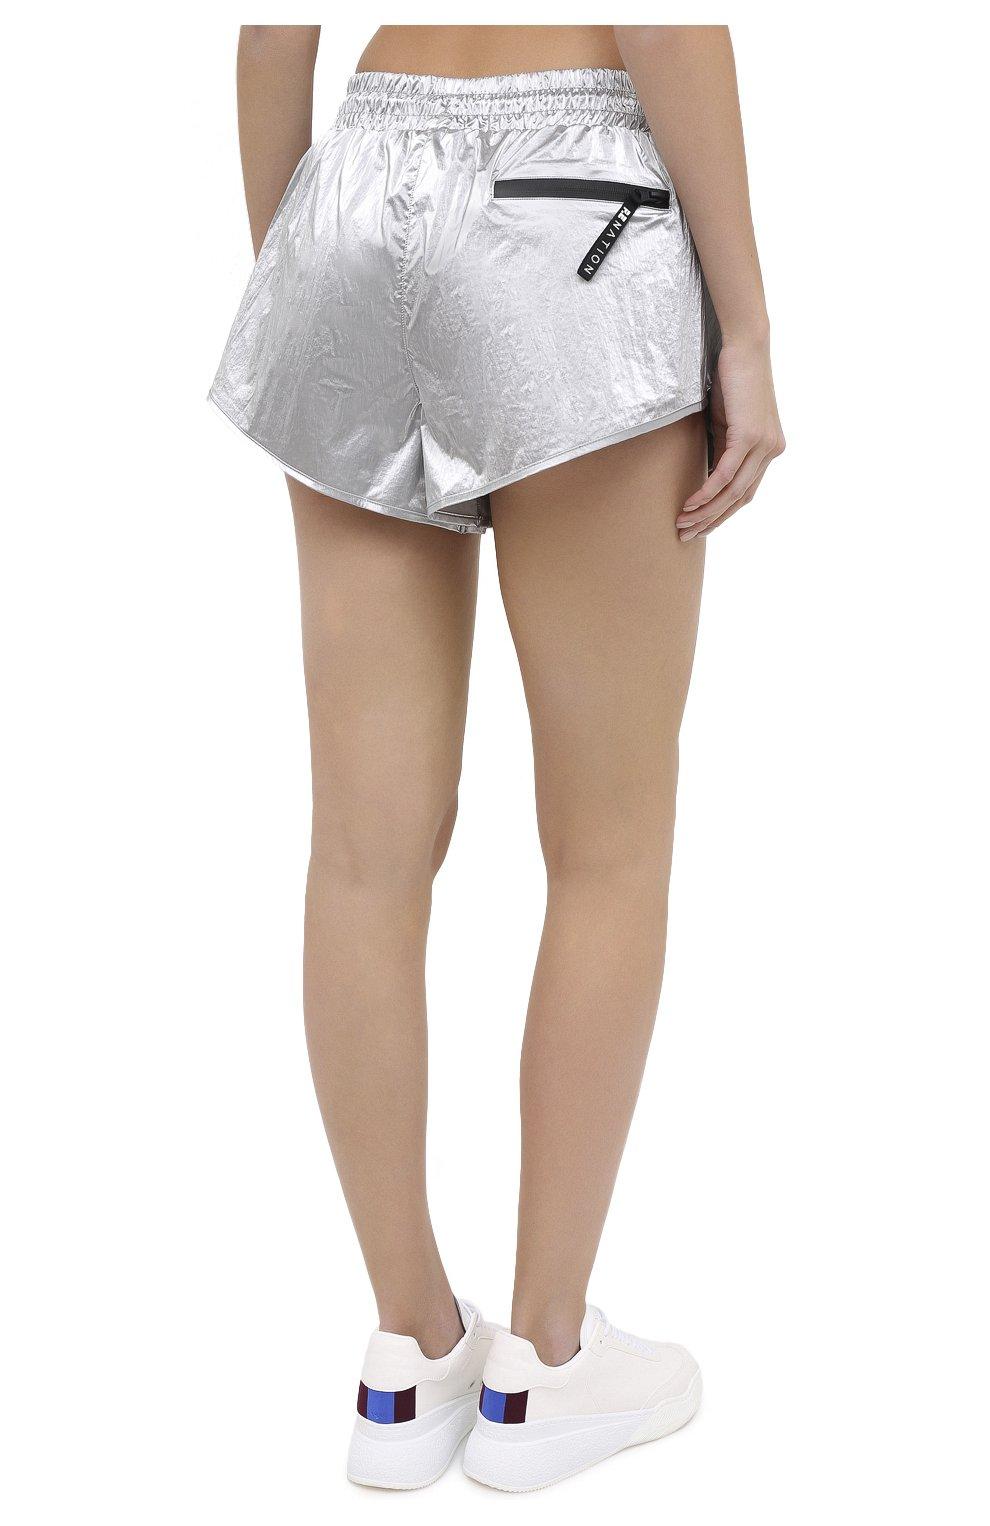 Женские шорты P.E. NATION серебряного цвета, арт. 20PE2S028   Фото 4 (Длина Ж (юбки, платья, шорты): Мини; Кросс-КТ: Спорт; Материал внешний: Синтетический материал; Материал подклада: Вискоза)